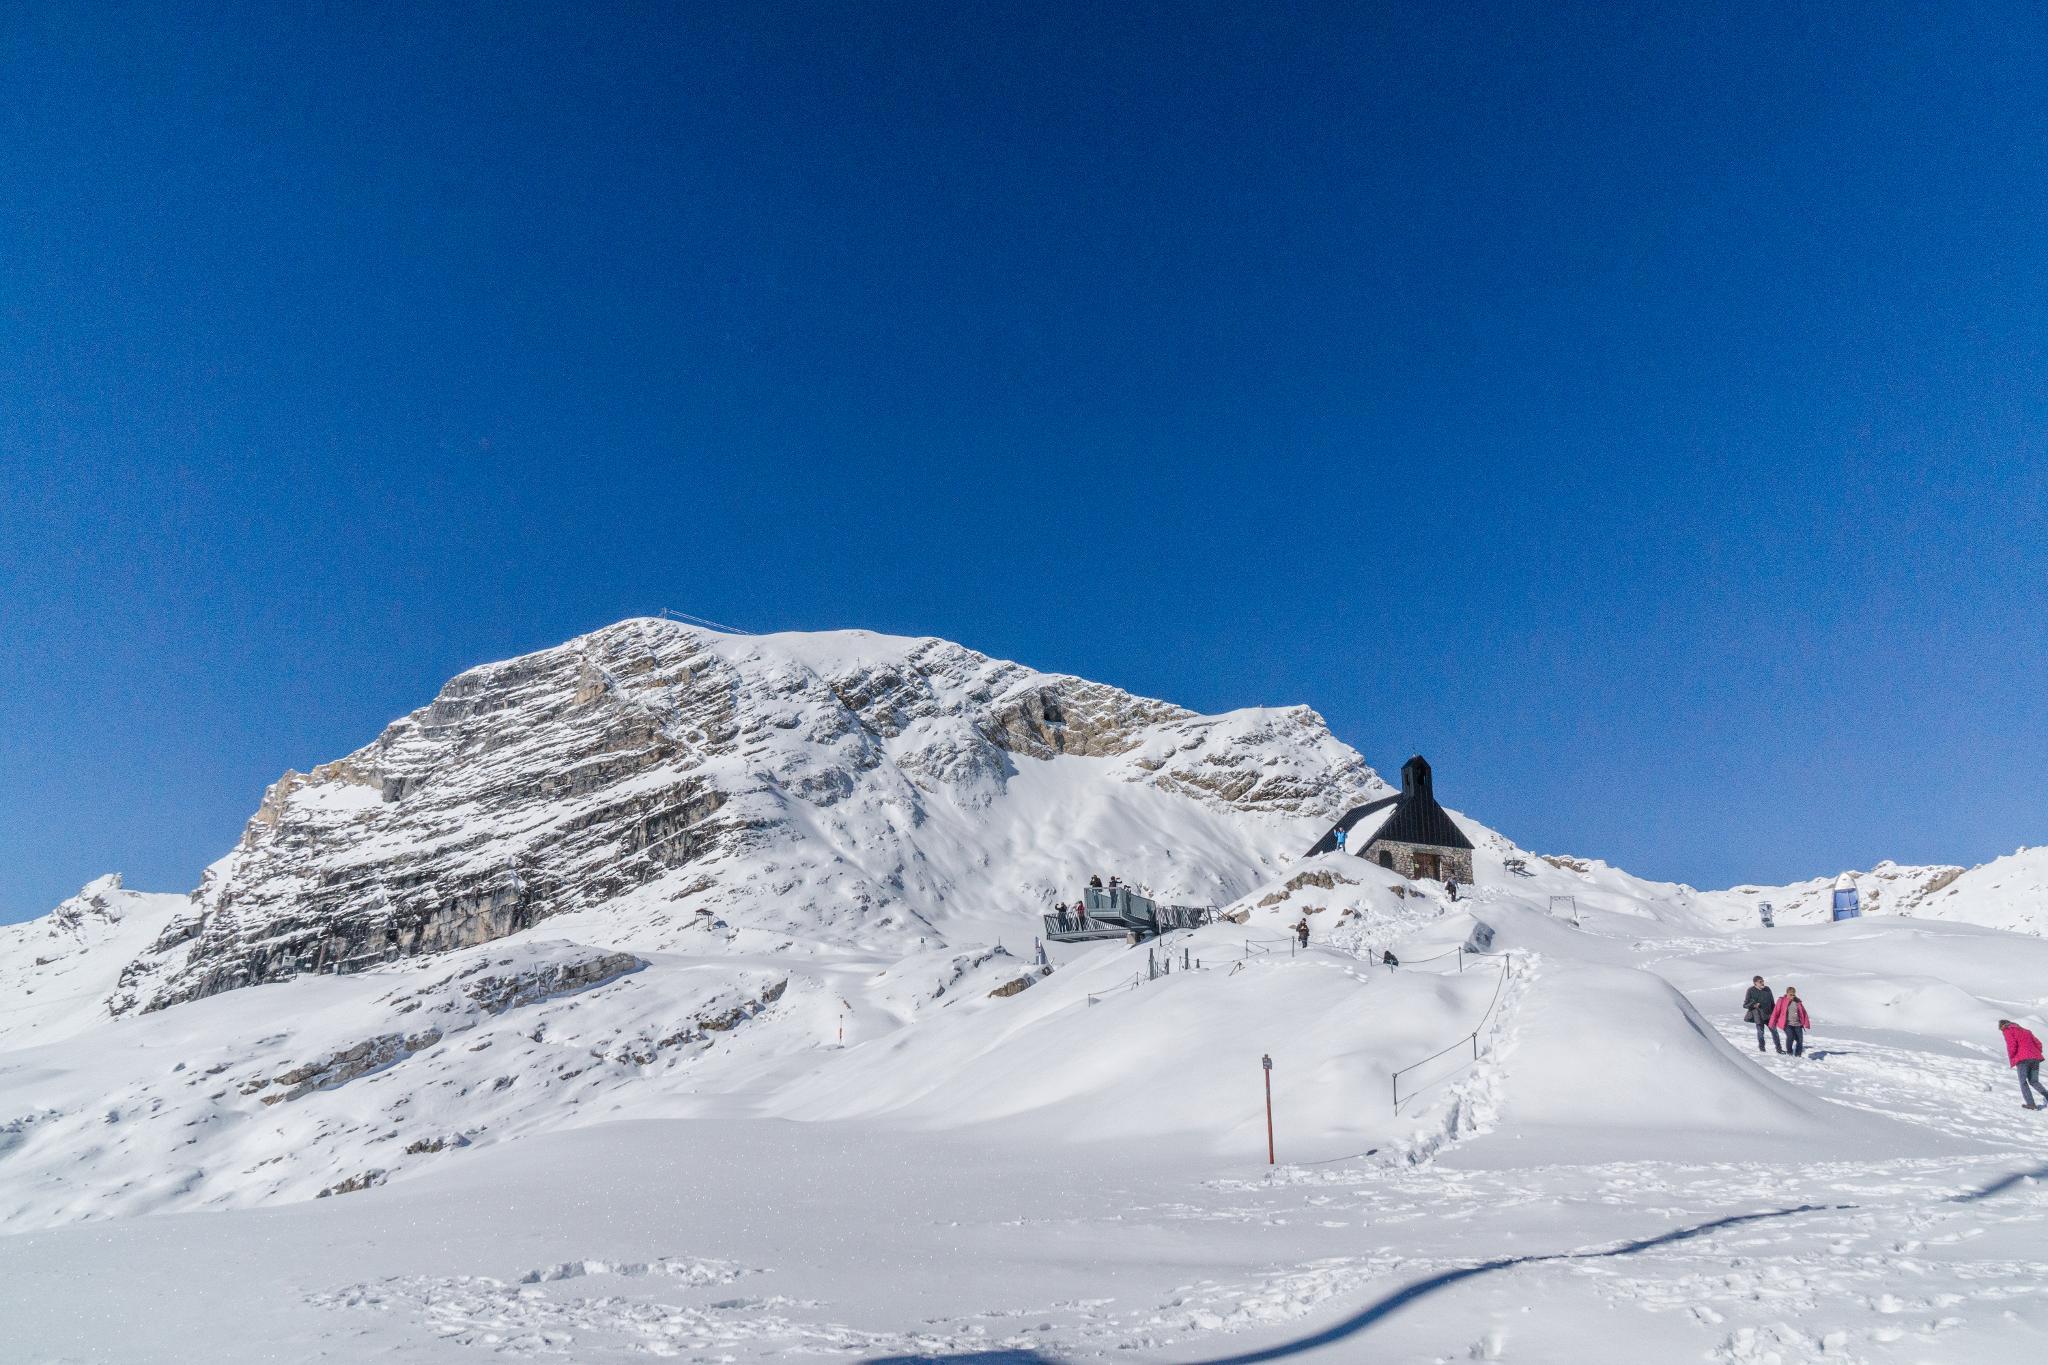 【德國】阿爾卑斯大道:楚格峰 (Zugspitze) 登上德國之巔 27